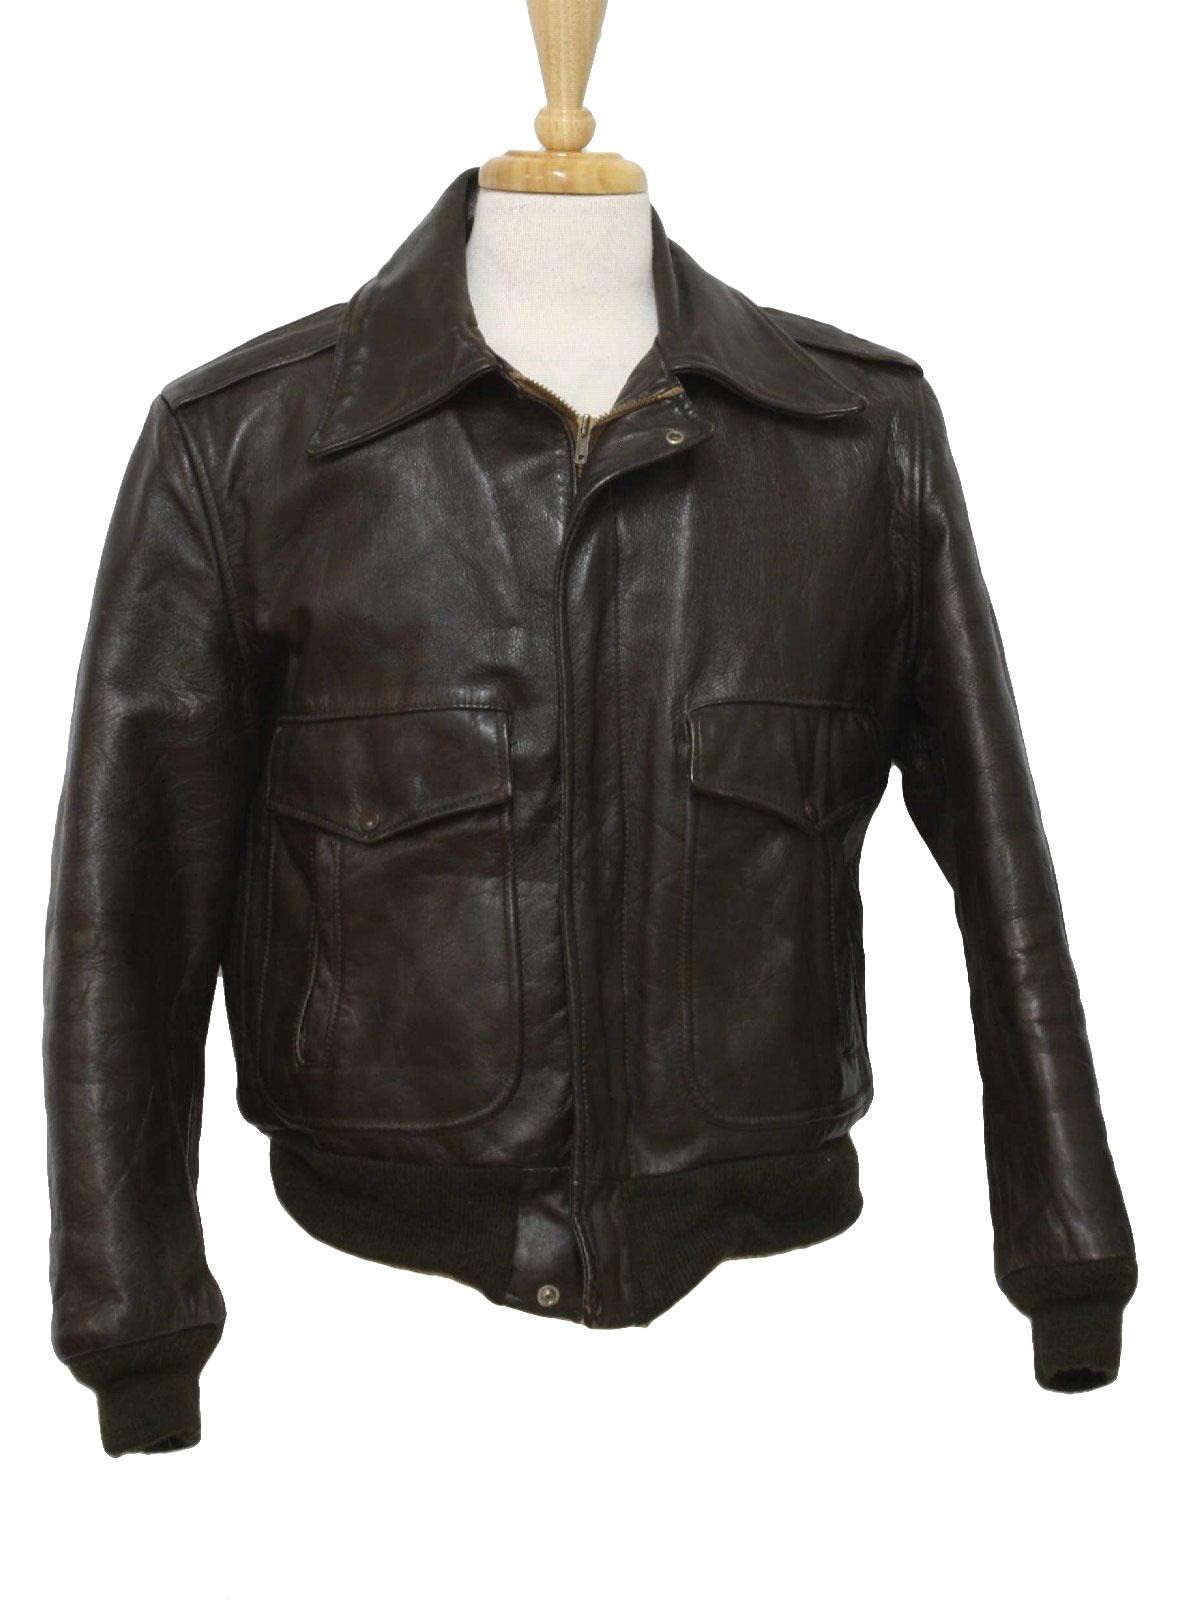 Leather fleece jacket